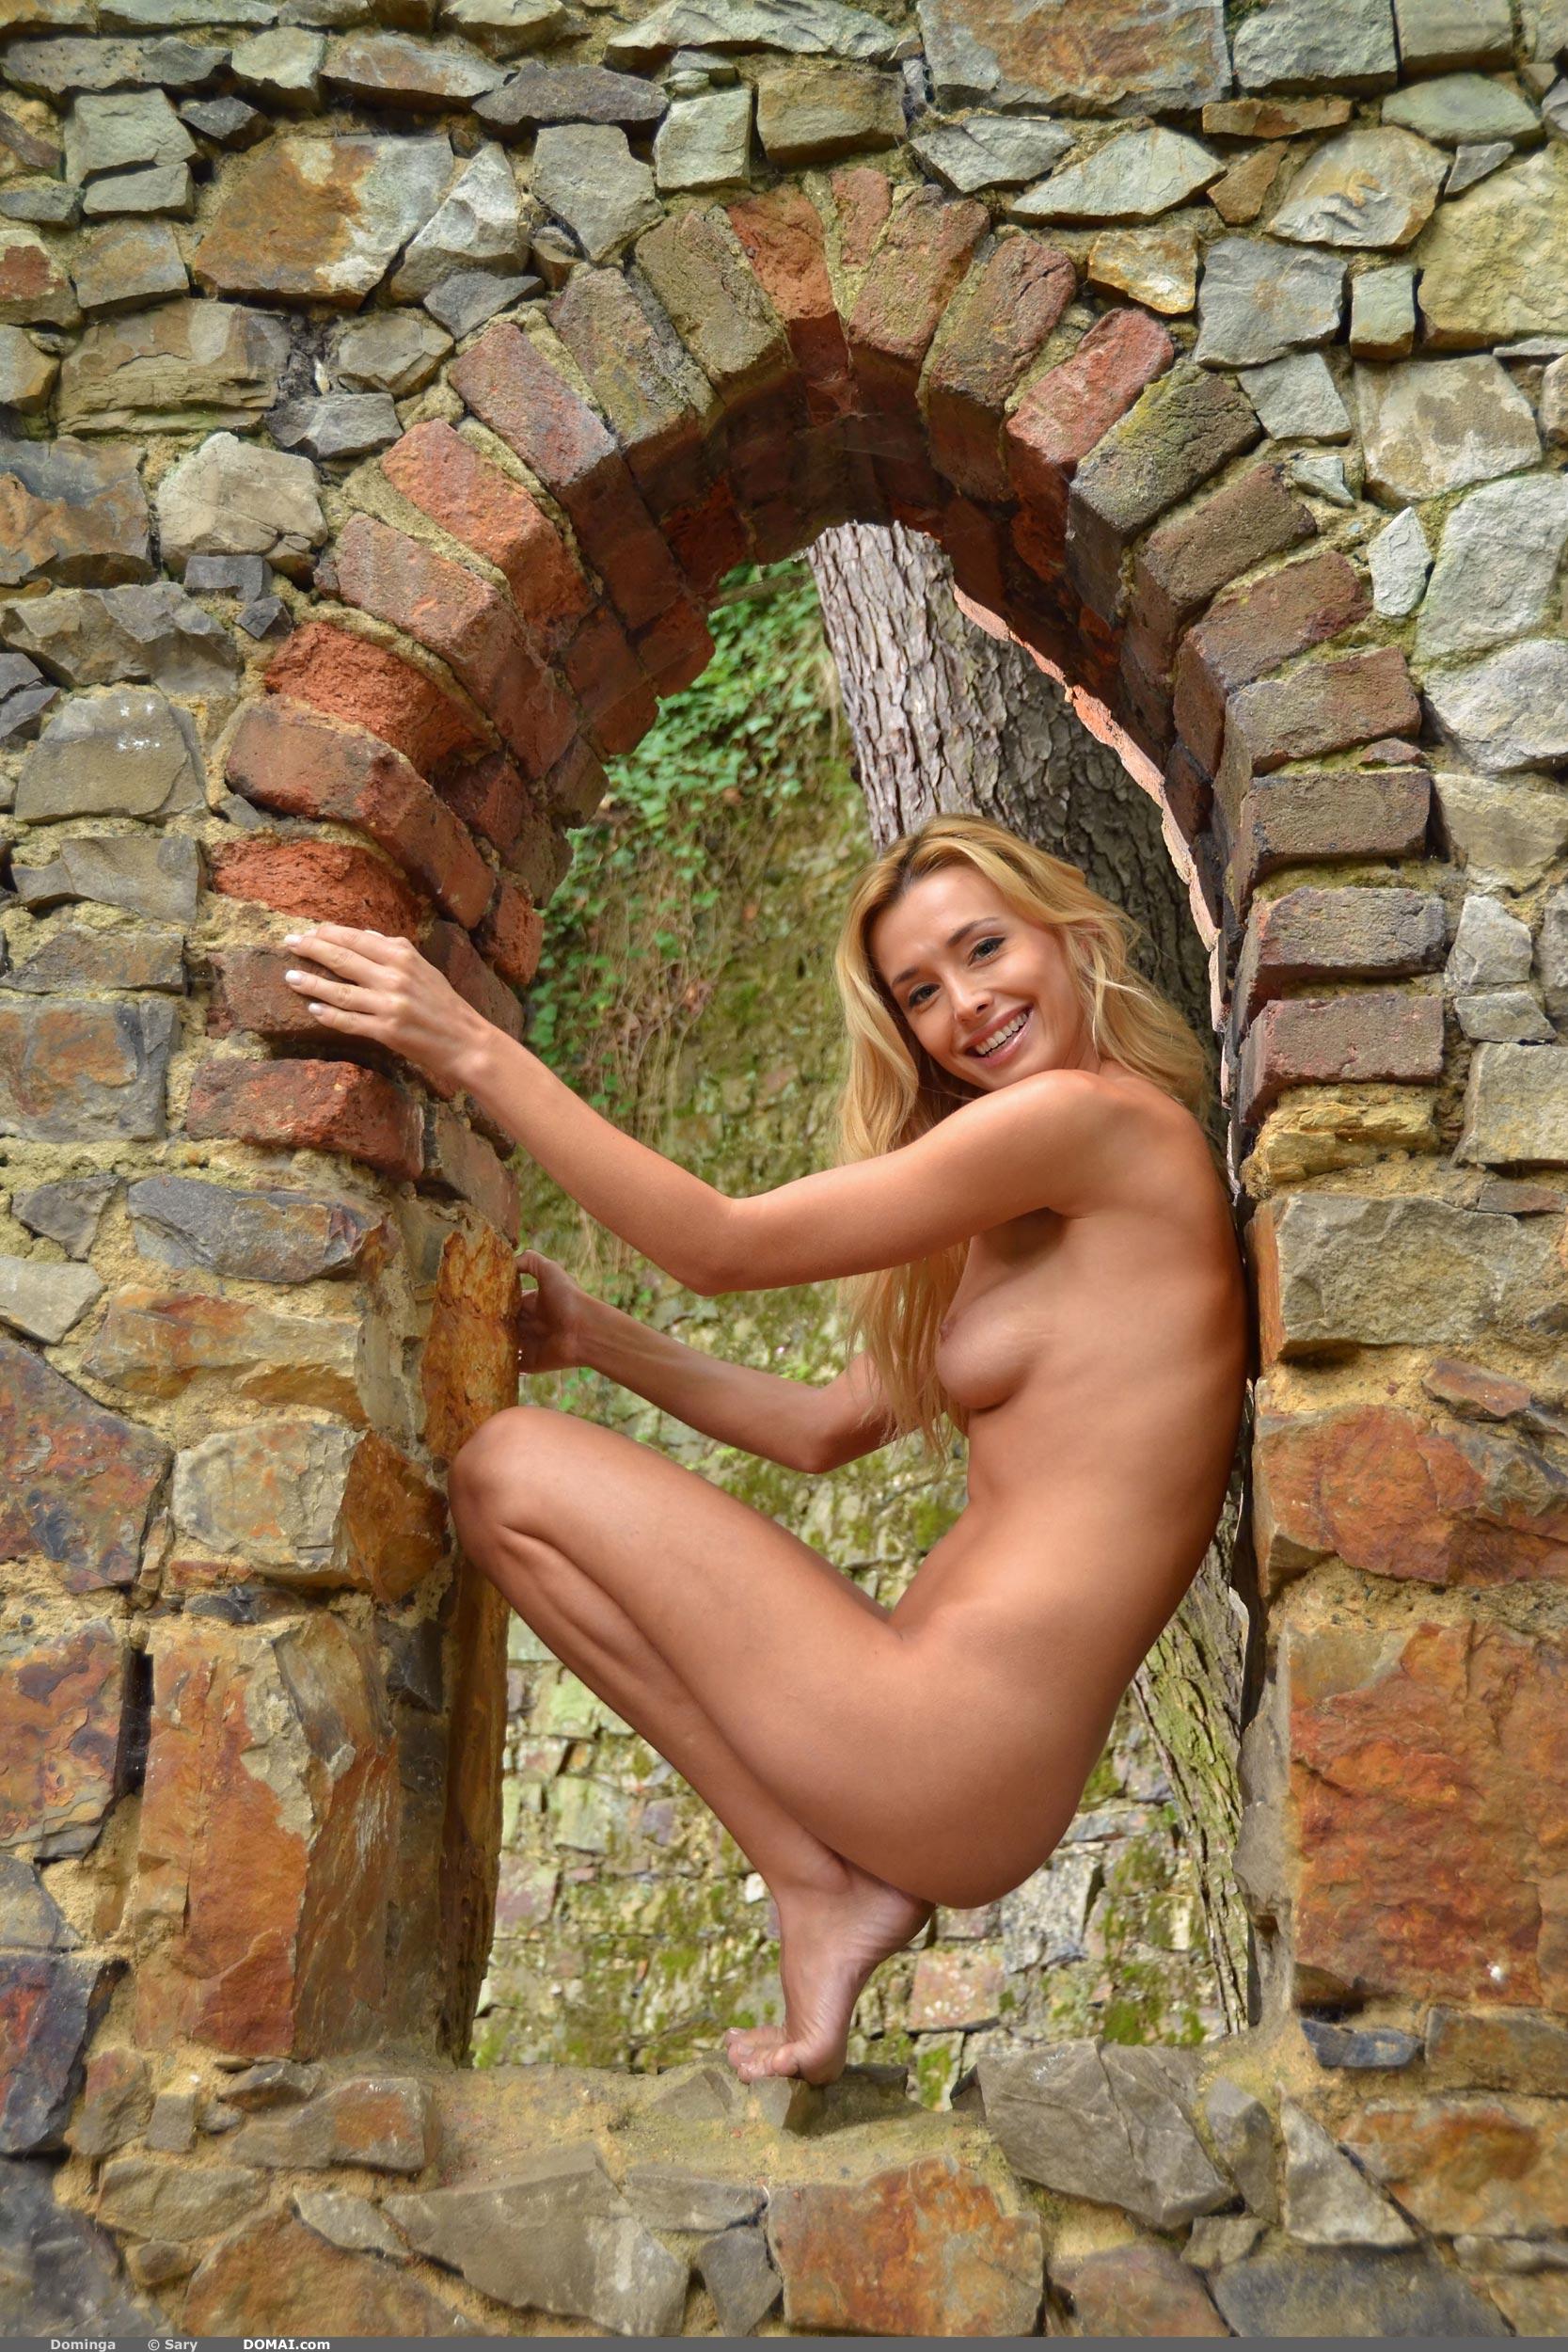 Beautiful nude girl domai